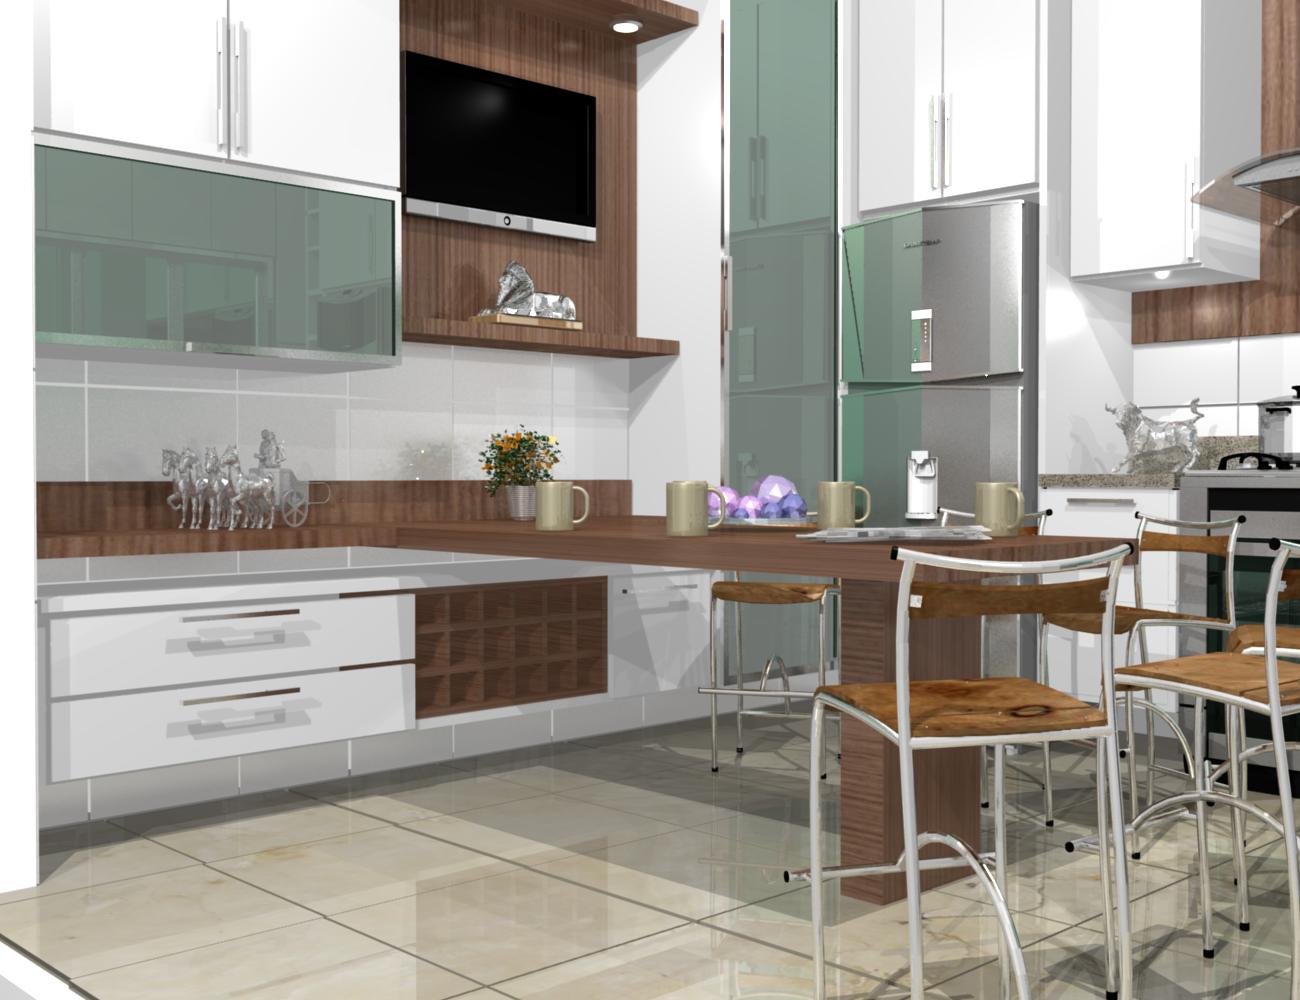 Cozinhas Planejadas Simples Bonita Pequenas De Luxo